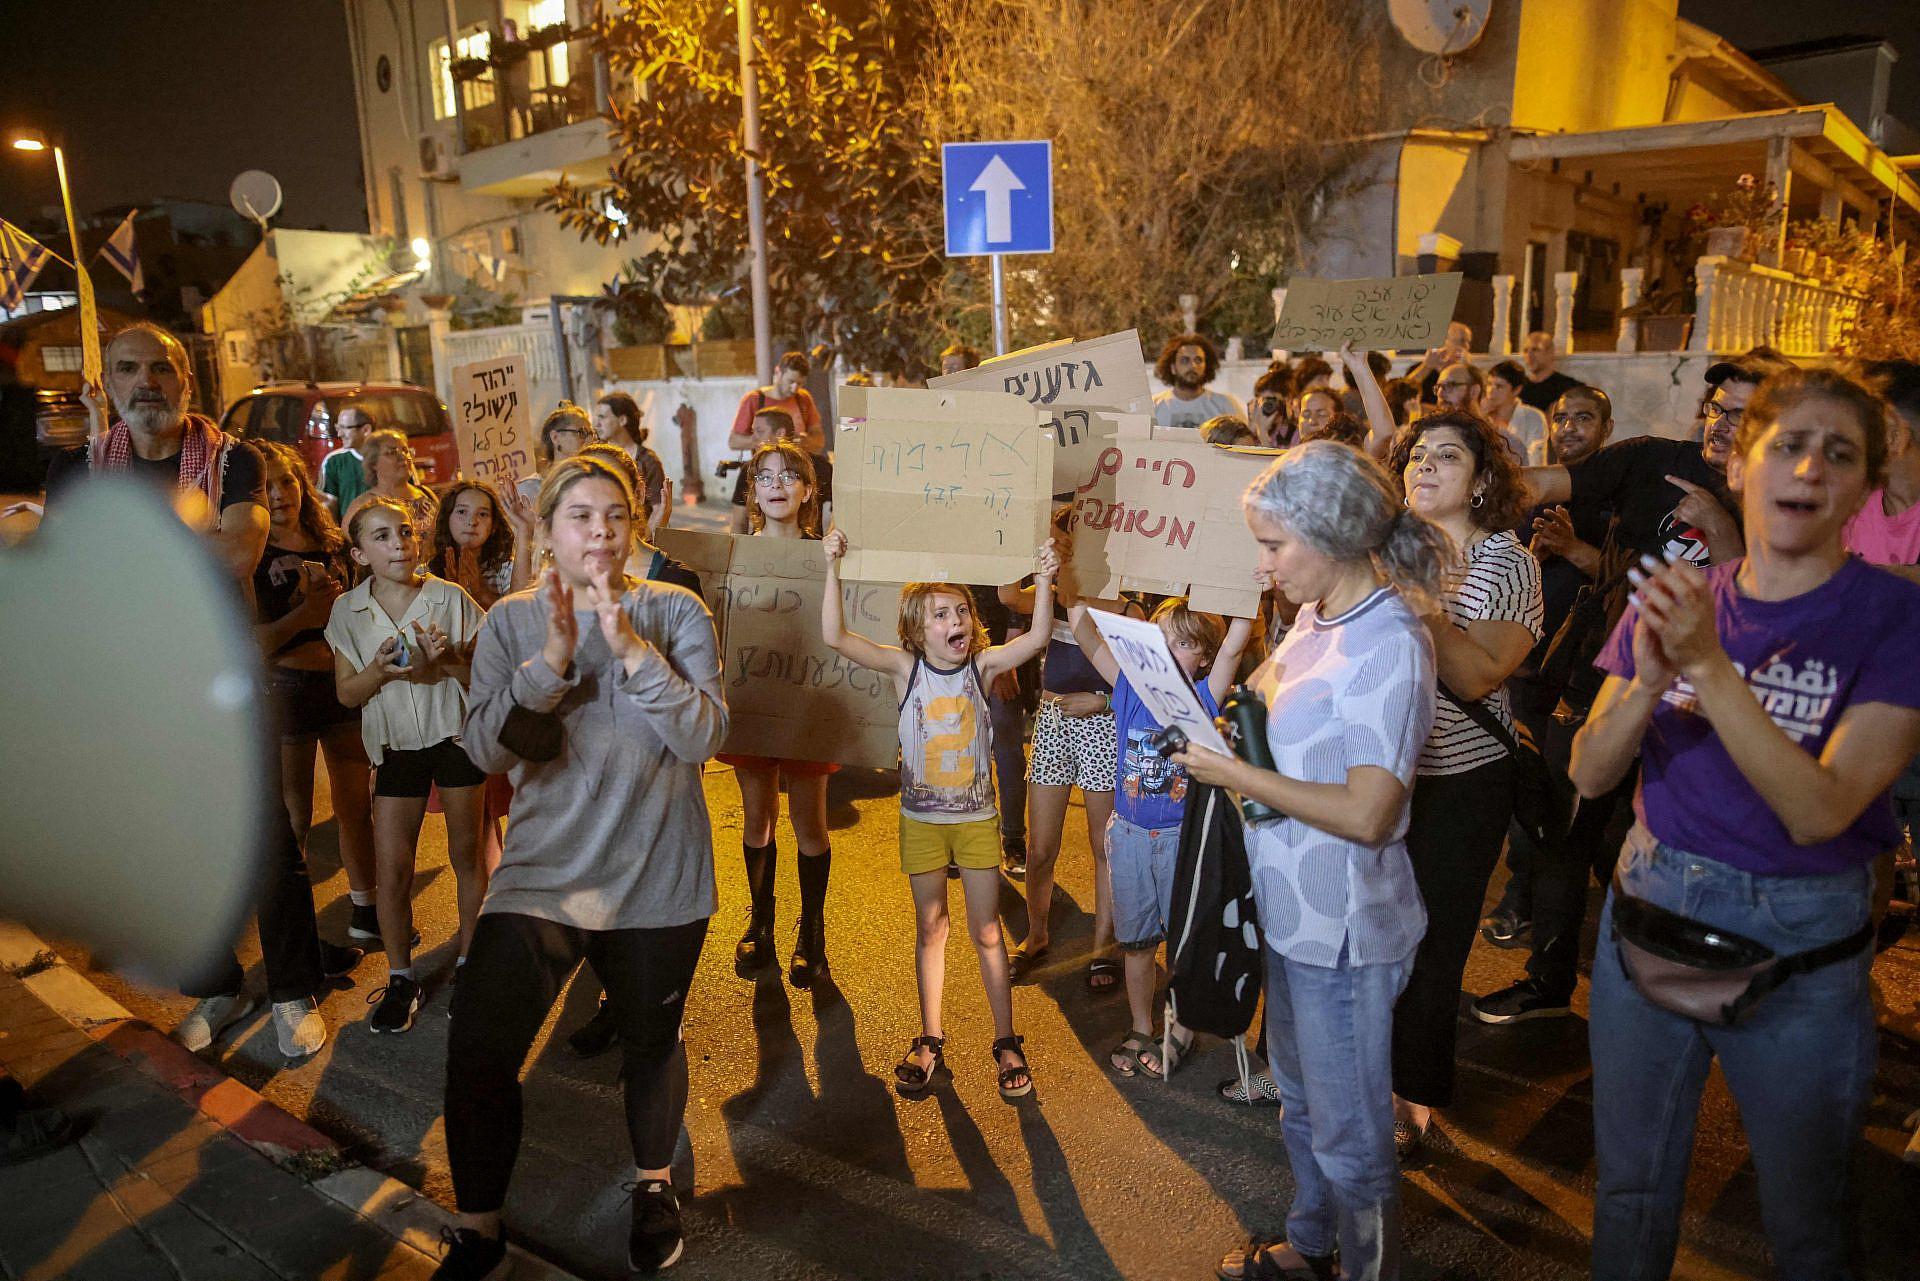 ערביות ויהודיות מסרבות להיות אויבות. הפגנה נגד הגזענות ביפו, אפריל 2020 (צילום: אחמד ג'רבאלי\AFP\גטי אימג'ס)